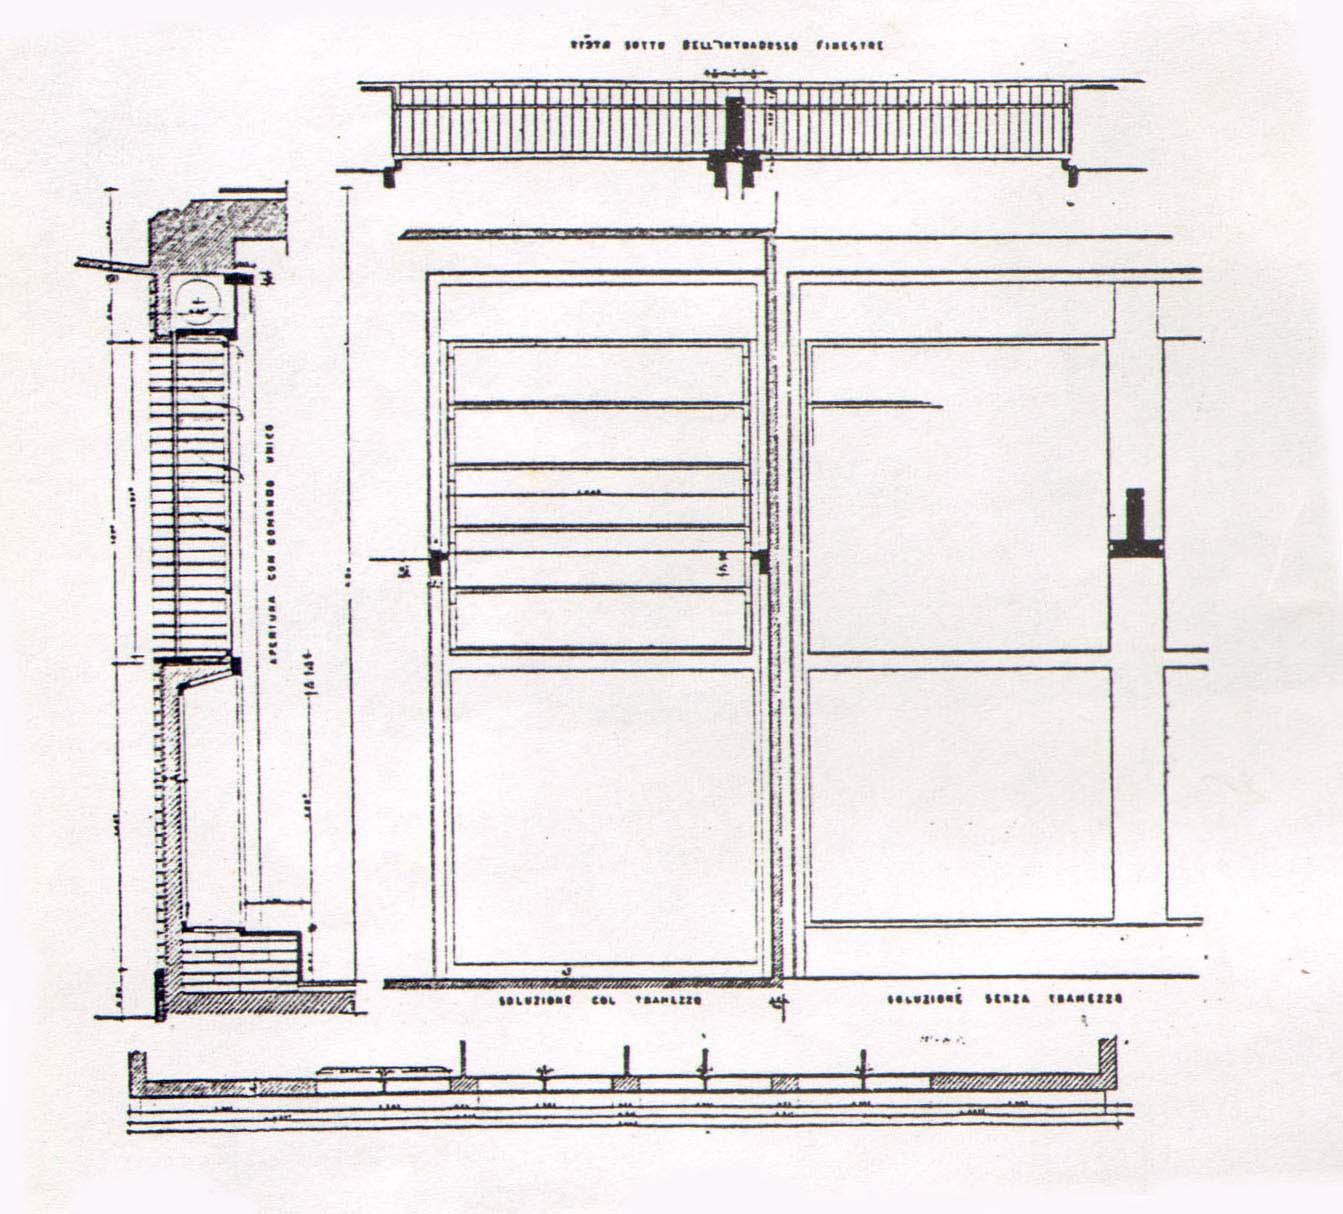 Archidiap palazzina bornigia for Piano del telaio della finestra